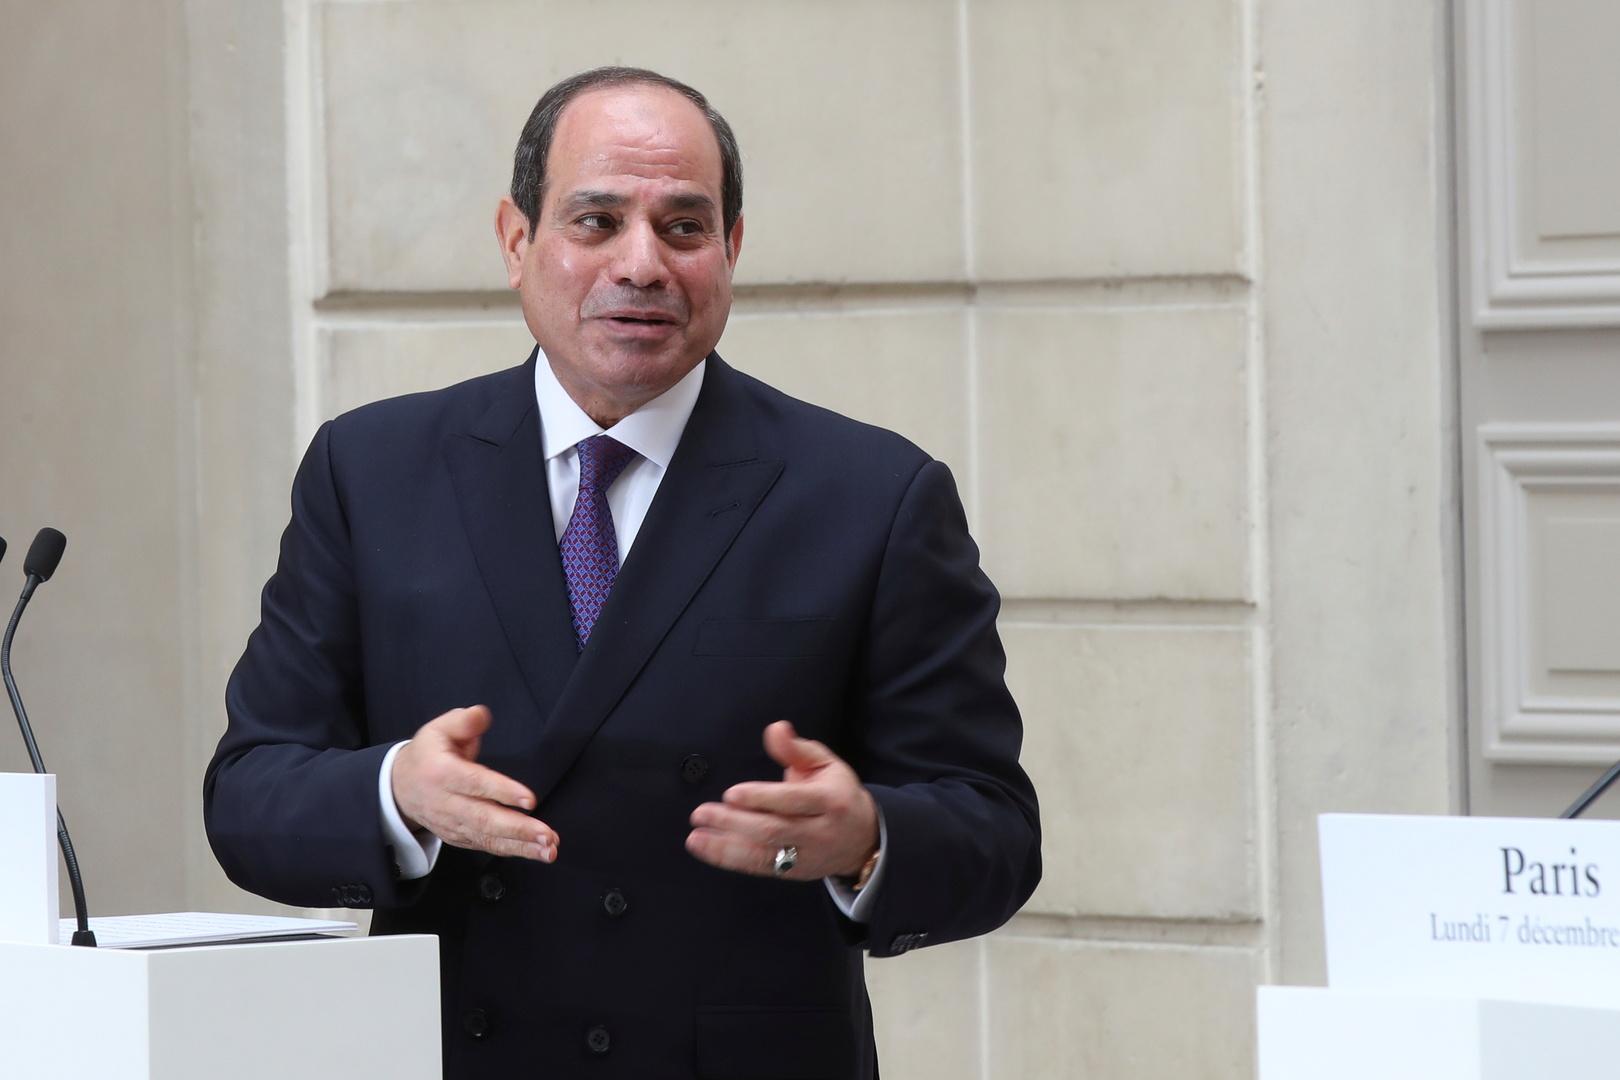 السيسي يوجه رسالة للكويت بشأن المصالحة مع قطر